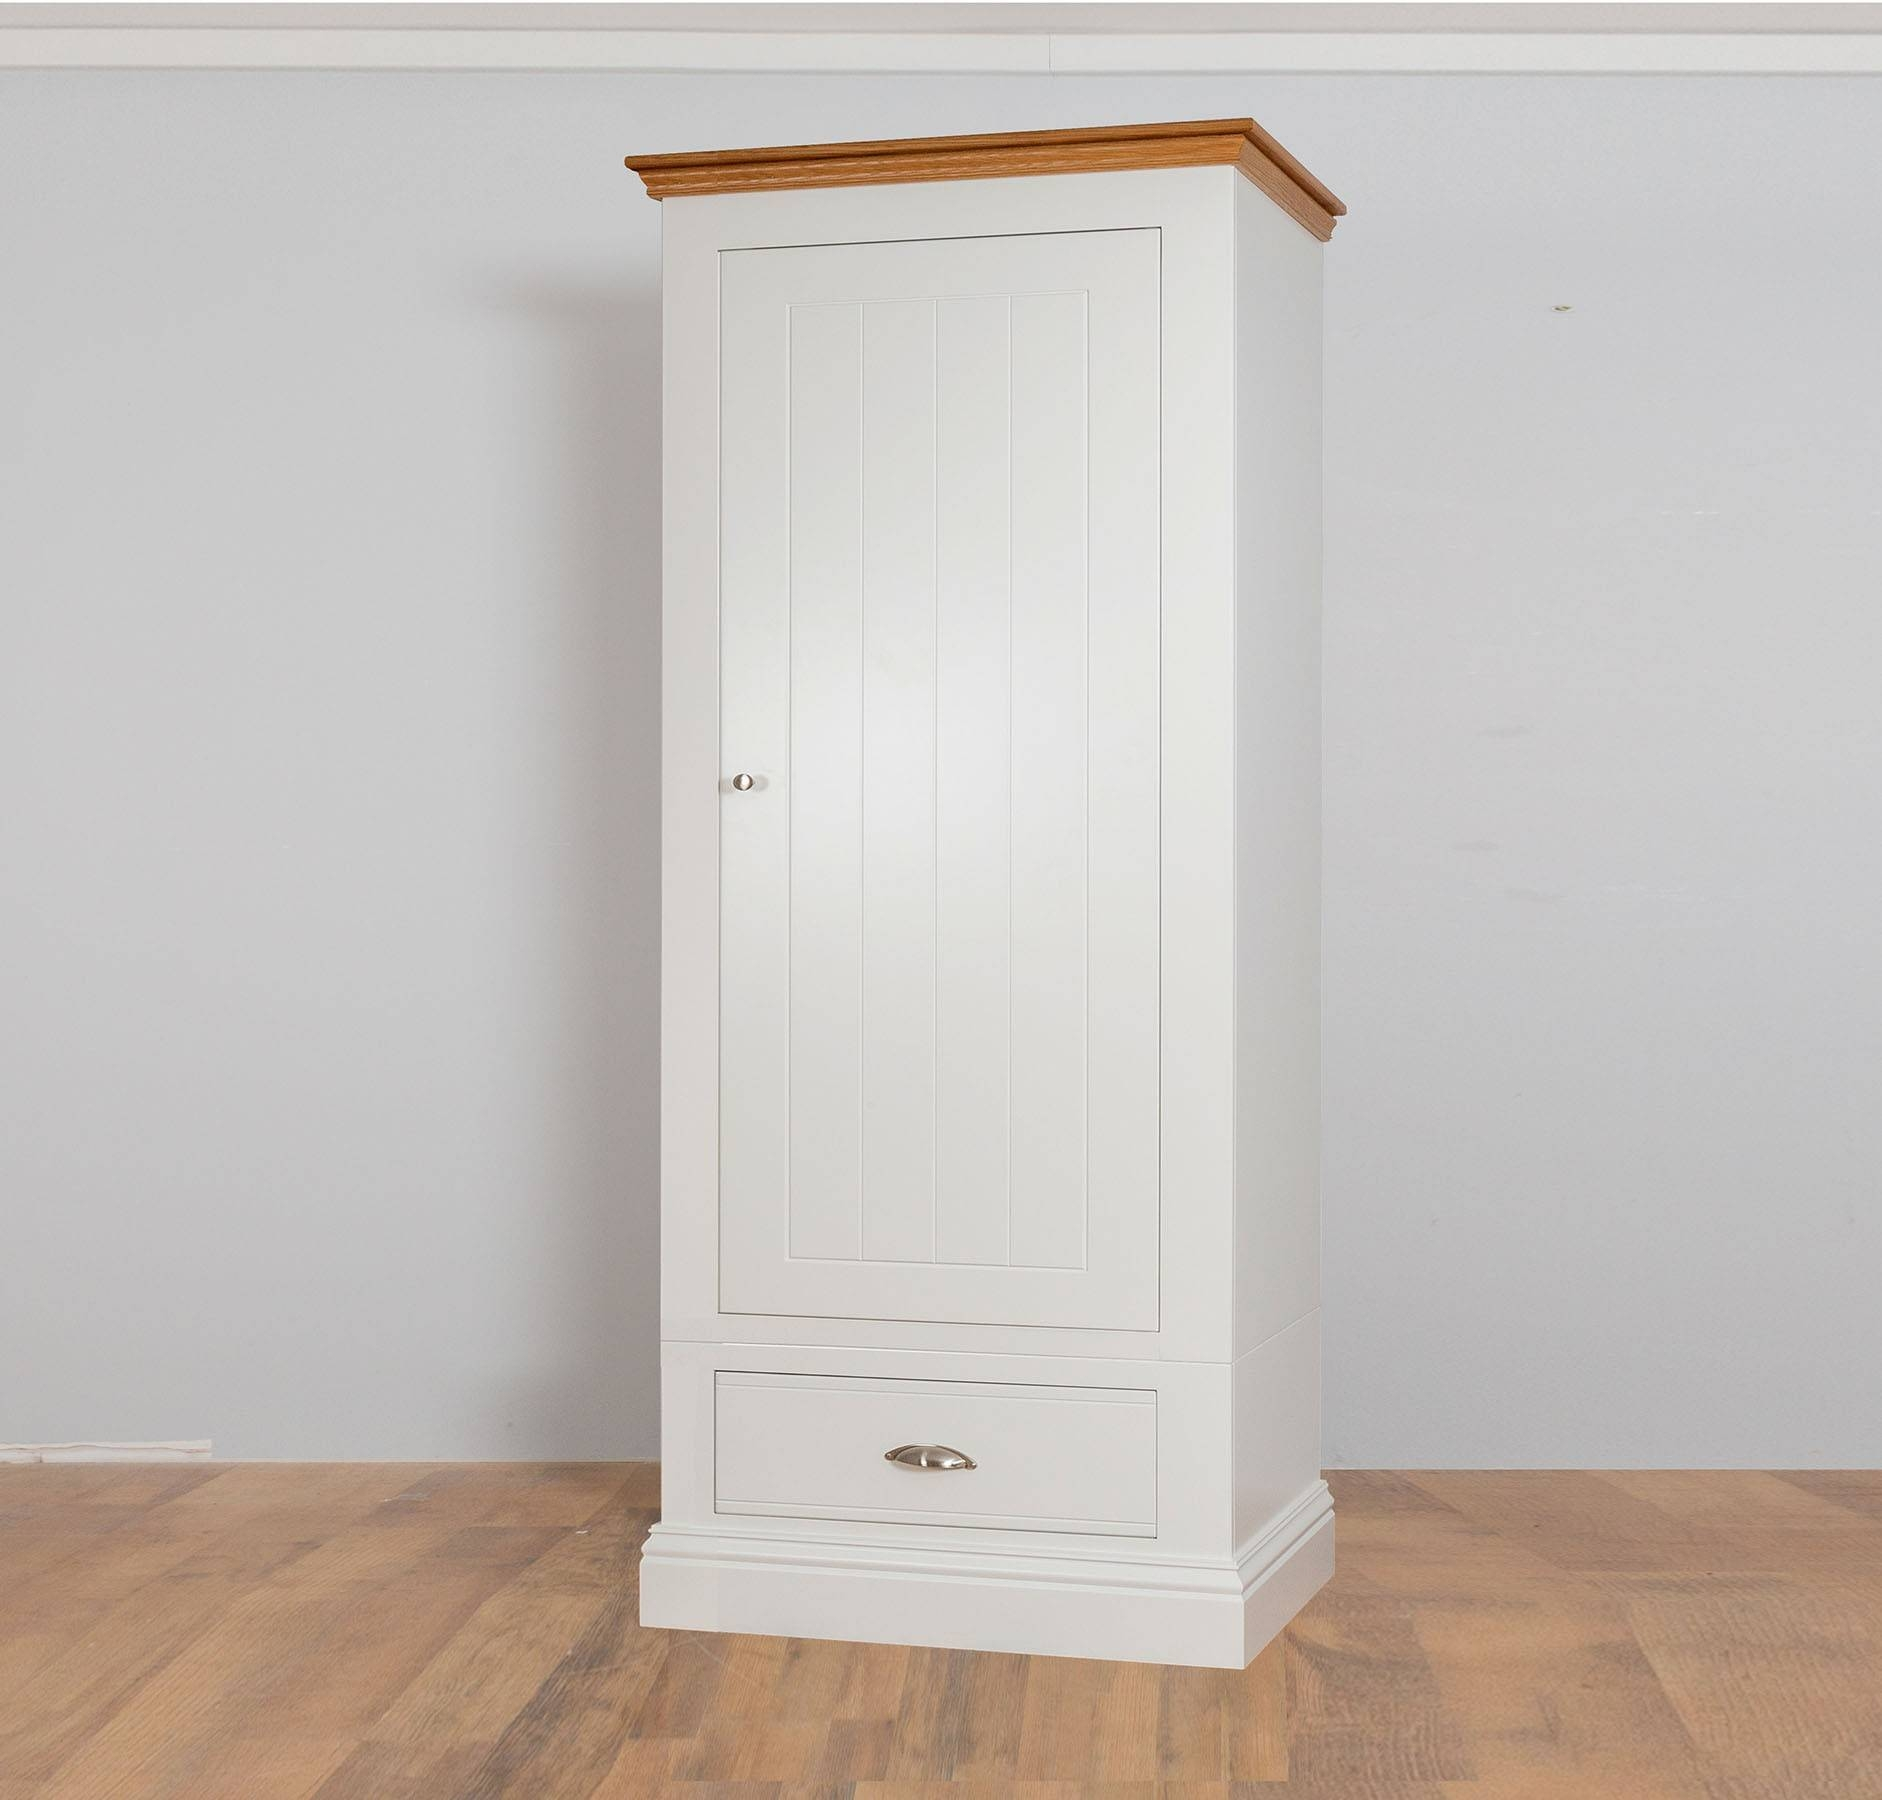 Jared Kushner Tags : 44 Unbelievable White Single Door Wardrobe inside Single Wardrobes (Image 3 of 15)